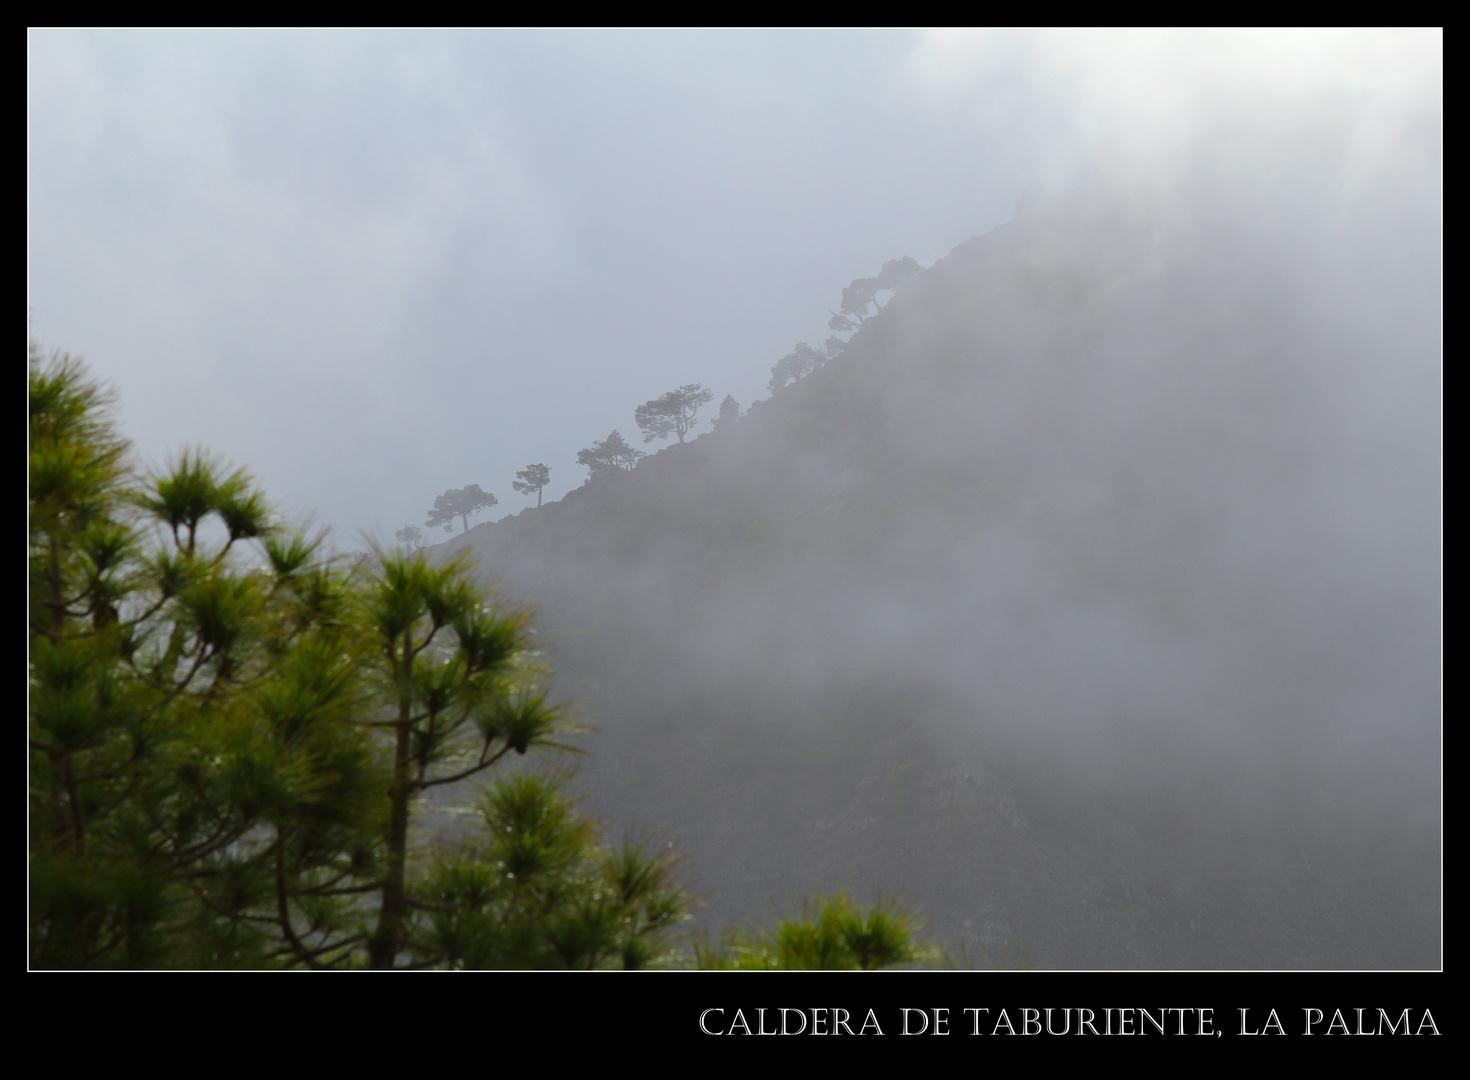 Die Caldera